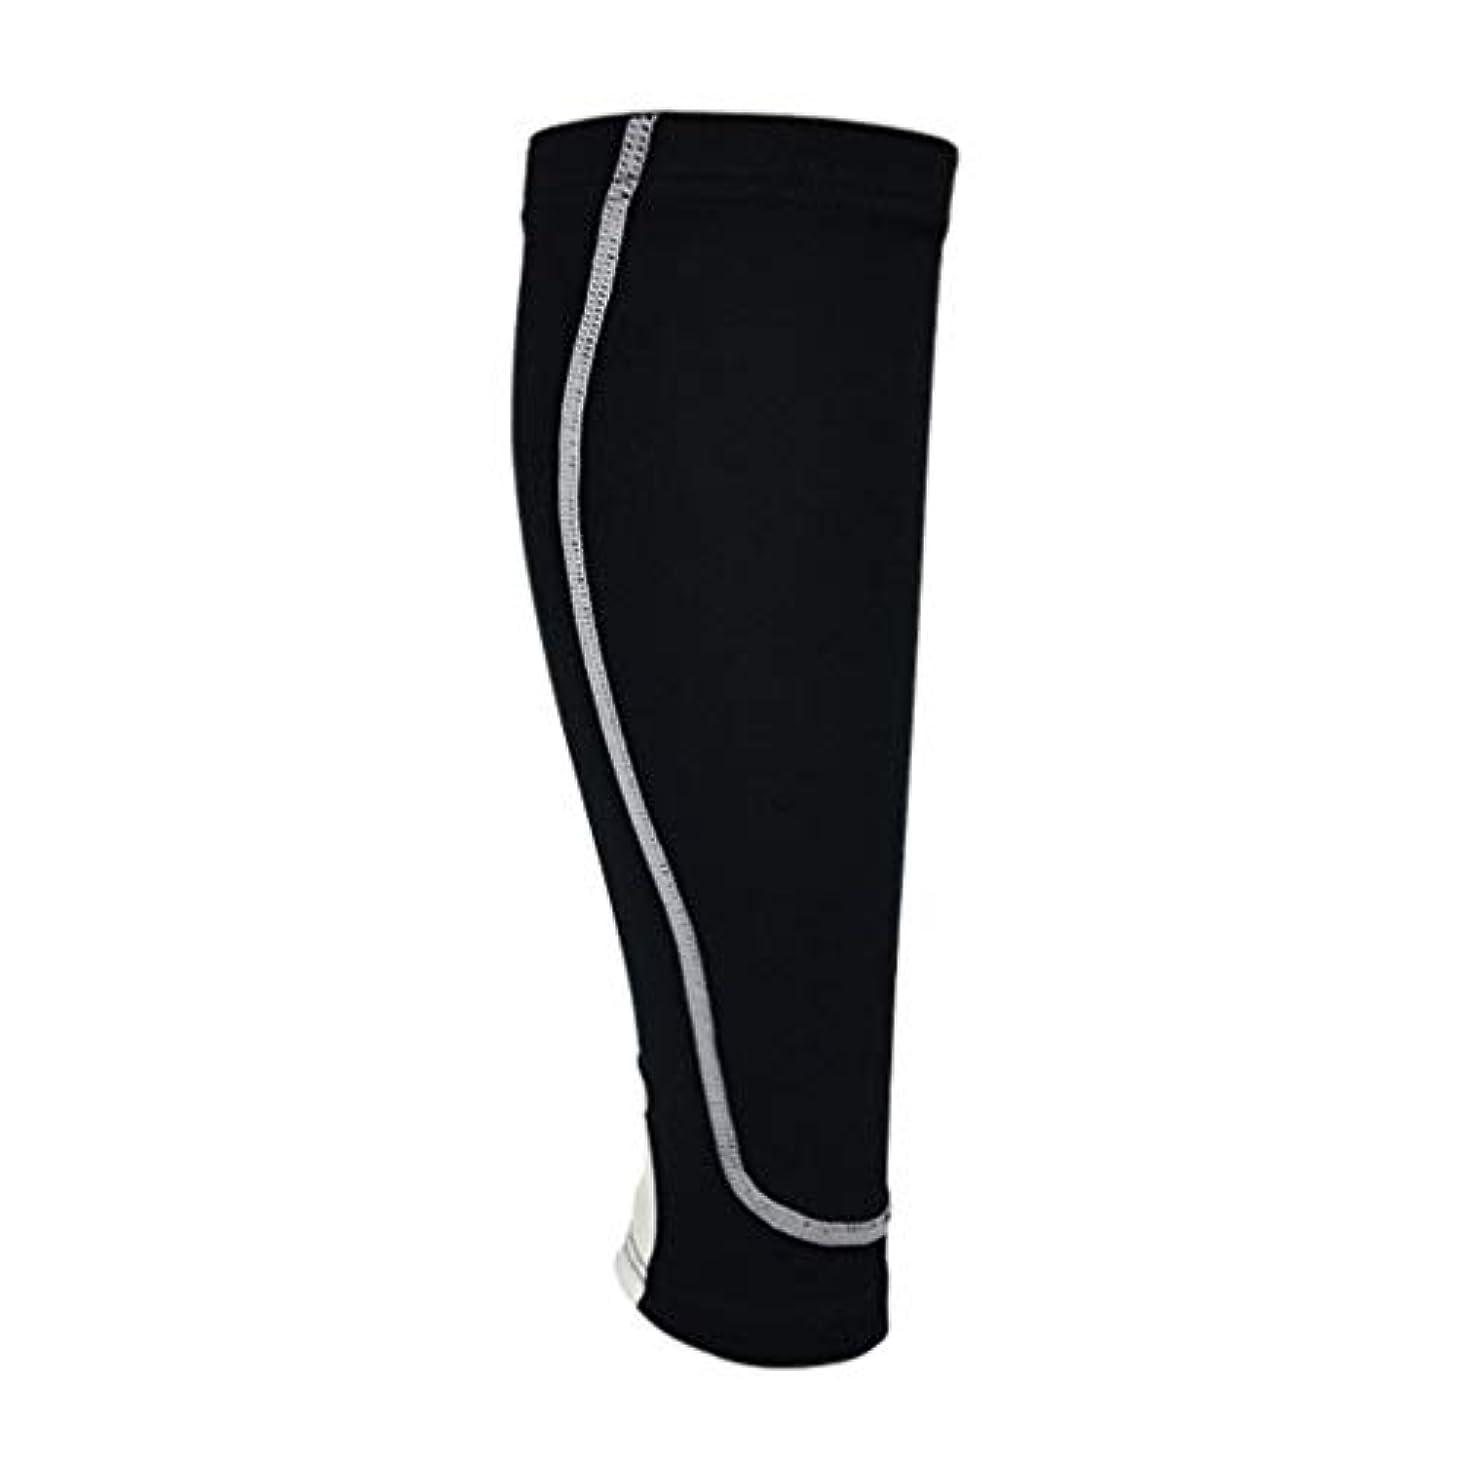 服生産的受賞伸縮性がある足はスポーツのための足の袖の換気の圧縮の足のパッドを暖めます-Rustle666